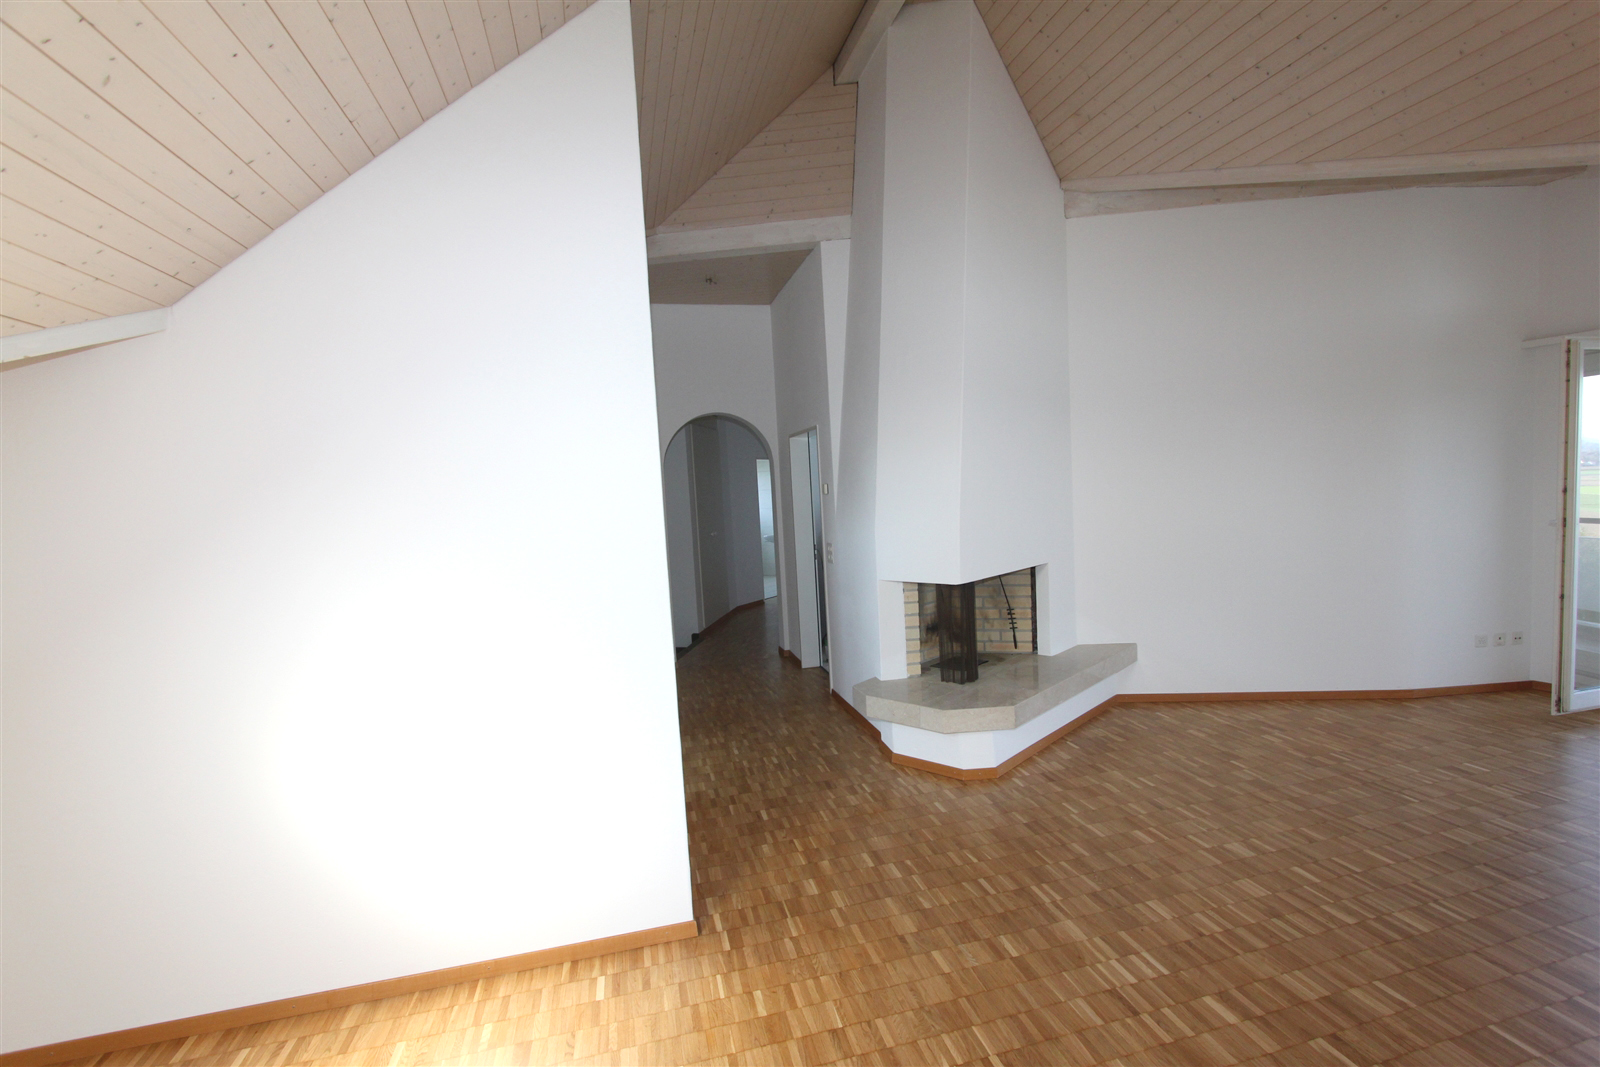 04 Interior Hoegernweg - 002